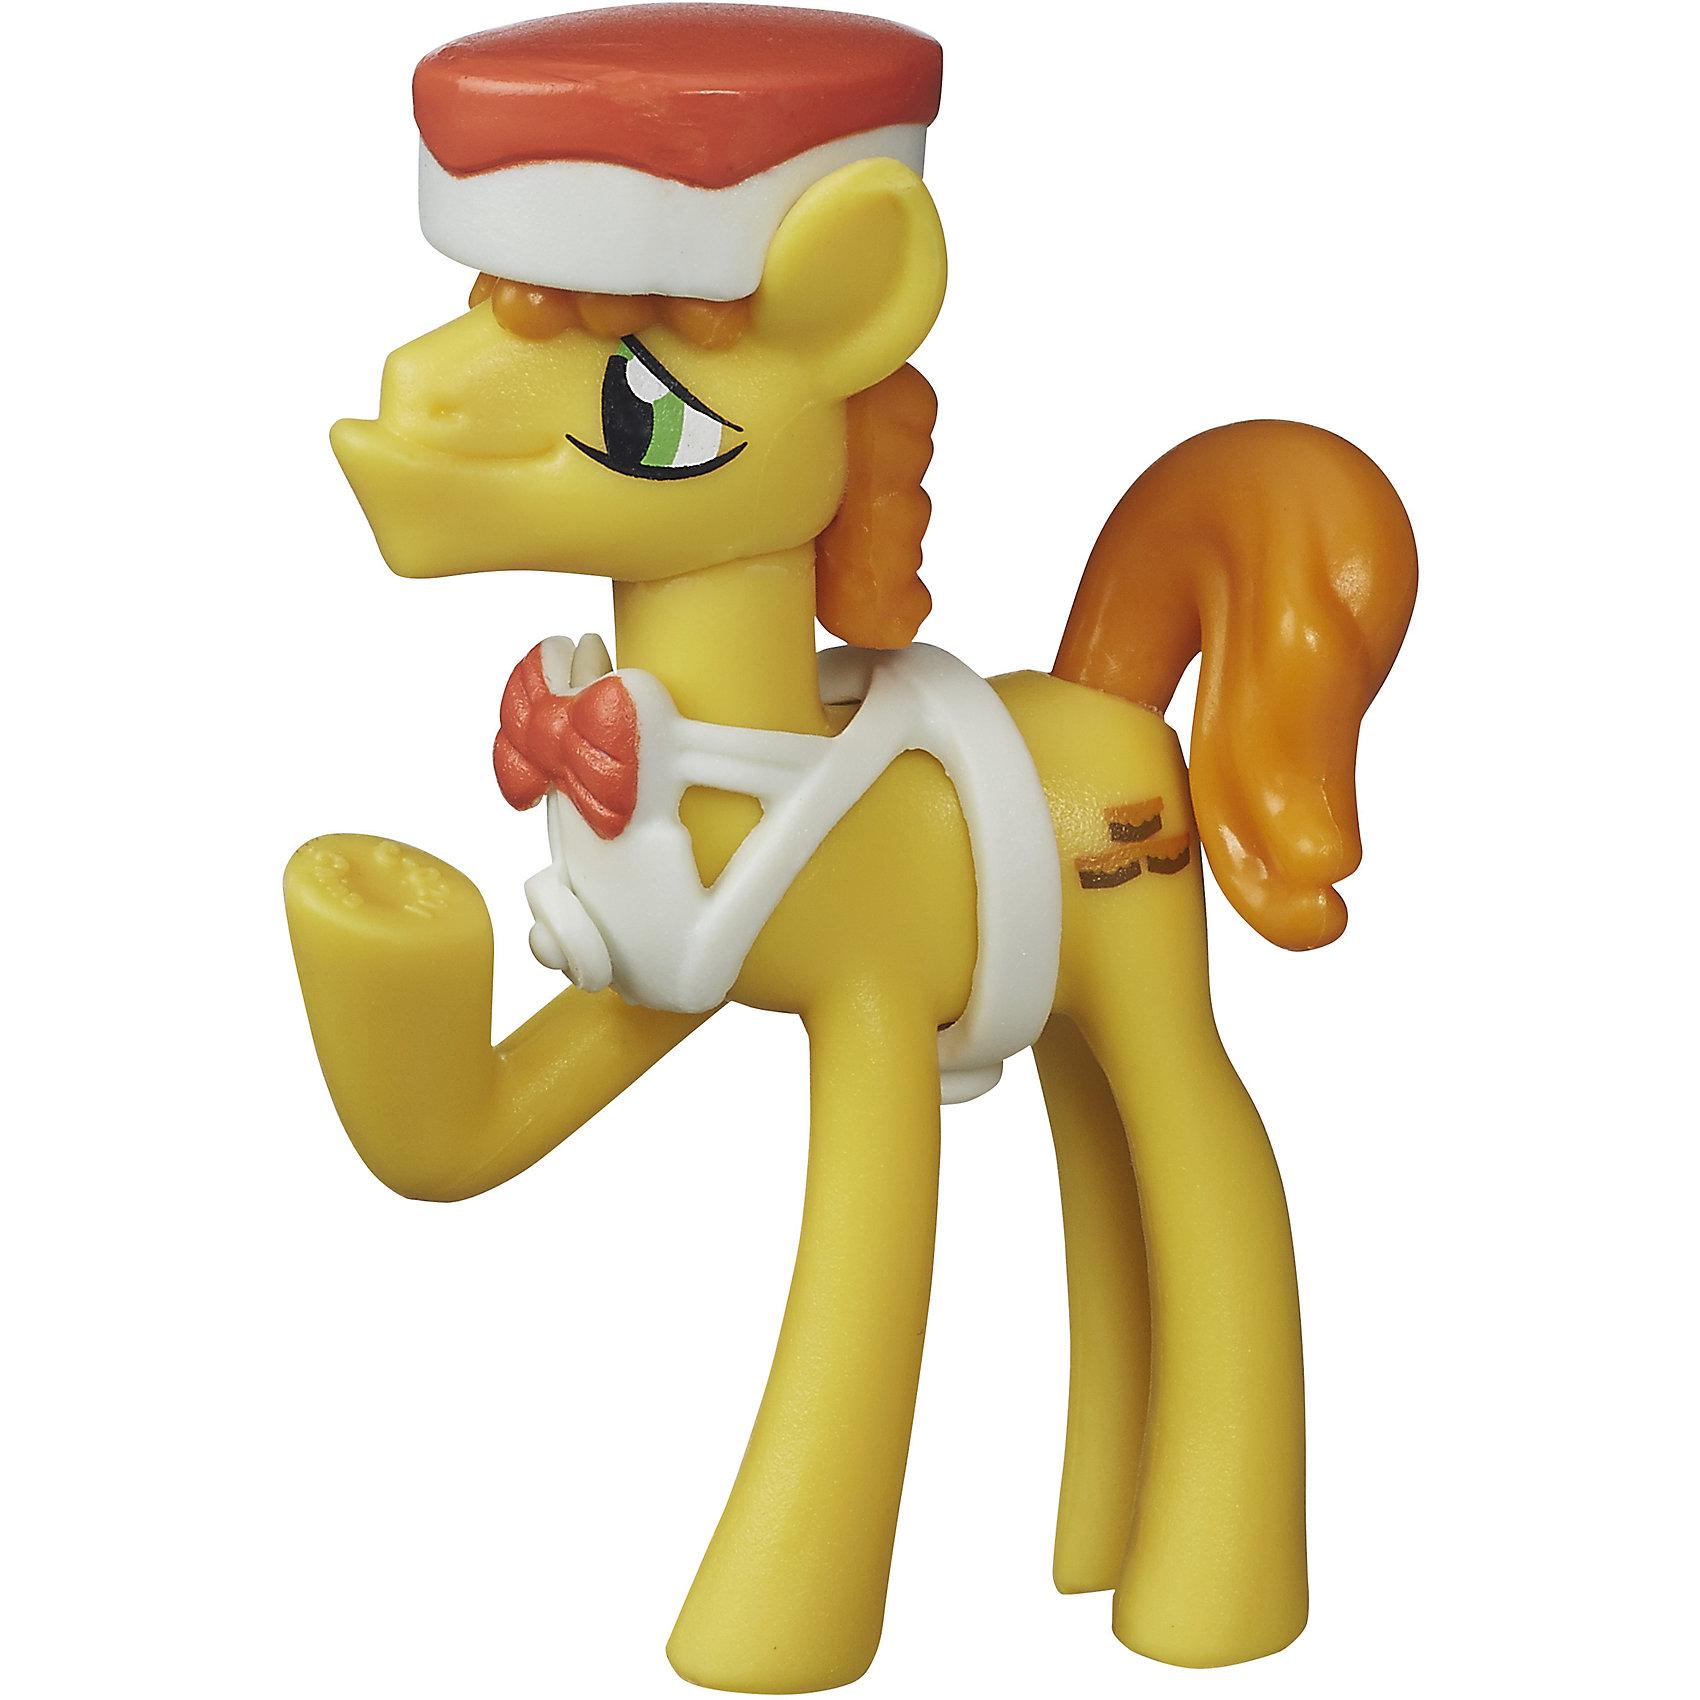 Коллекционная пони М-р Кэррот Кейк, My little PonyИгрушки<br>Коллекционная пони, My little Pony (Май литтл пони).<br><br>Характеристики:<br><br>• Материал: пластик.<br>• Размер фигурки: 5см.<br>• Цвет: желтый.<br><br>Коллекционная пони, My little Pony (Май литтл пони)сделана по мотивам популярного мультсериала My Little Pony. Это мистер Кэррот Кейк — хозяин роскошной кондитерской, которая называется «Сахарный дворец». Игрушка выполнена с большим вниманием к деталям, отличается красивой расцветкой и существенным сходством со своим анимационным прототипом. Ваша девочка будет рада получить в подарок такую игрушку.<br><br>Коллекционную пони, My little Pony (Май литтл пони), можно купить в нашем интернет – магазине.<br><br>Ширина мм: 119<br>Глубина мм: 103<br>Высота мм: 30<br>Вес г: 23<br>Возраст от месяцев: 48<br>Возраст до месяцев: 72<br>Пол: Женский<br>Возраст: Детский<br>SKU: 5177795